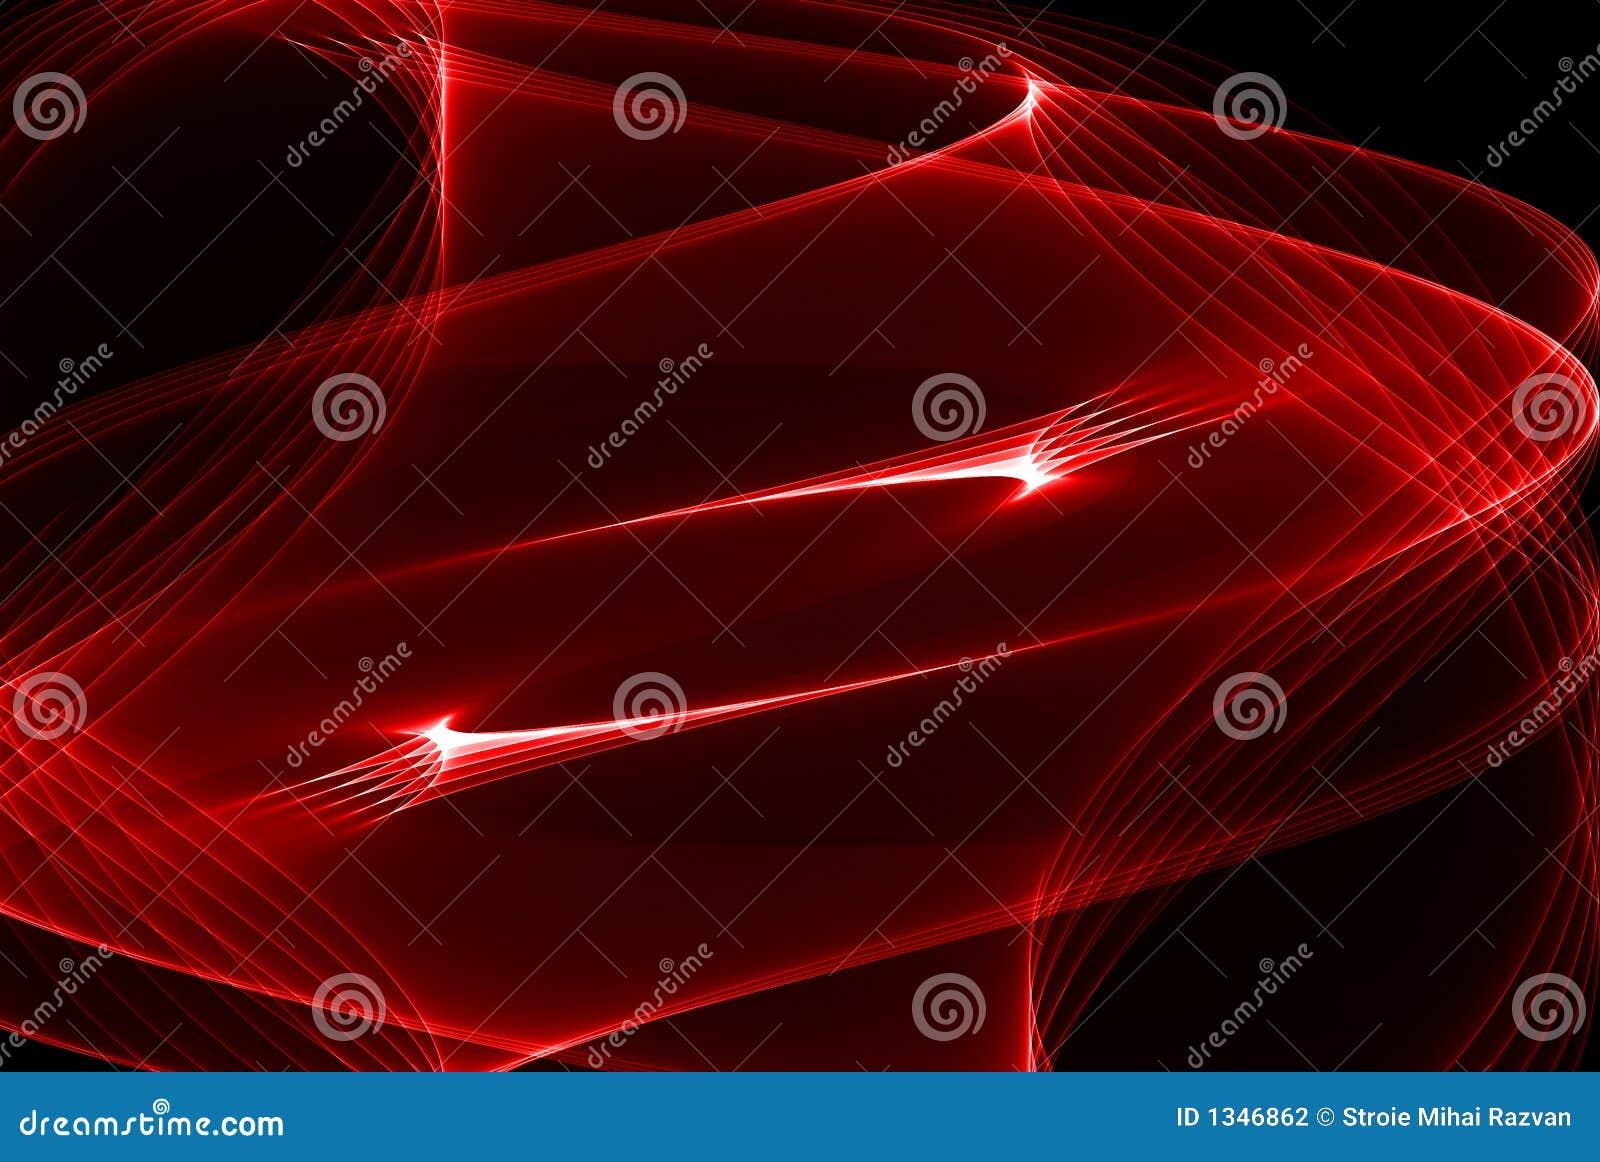 светлый красный цвет